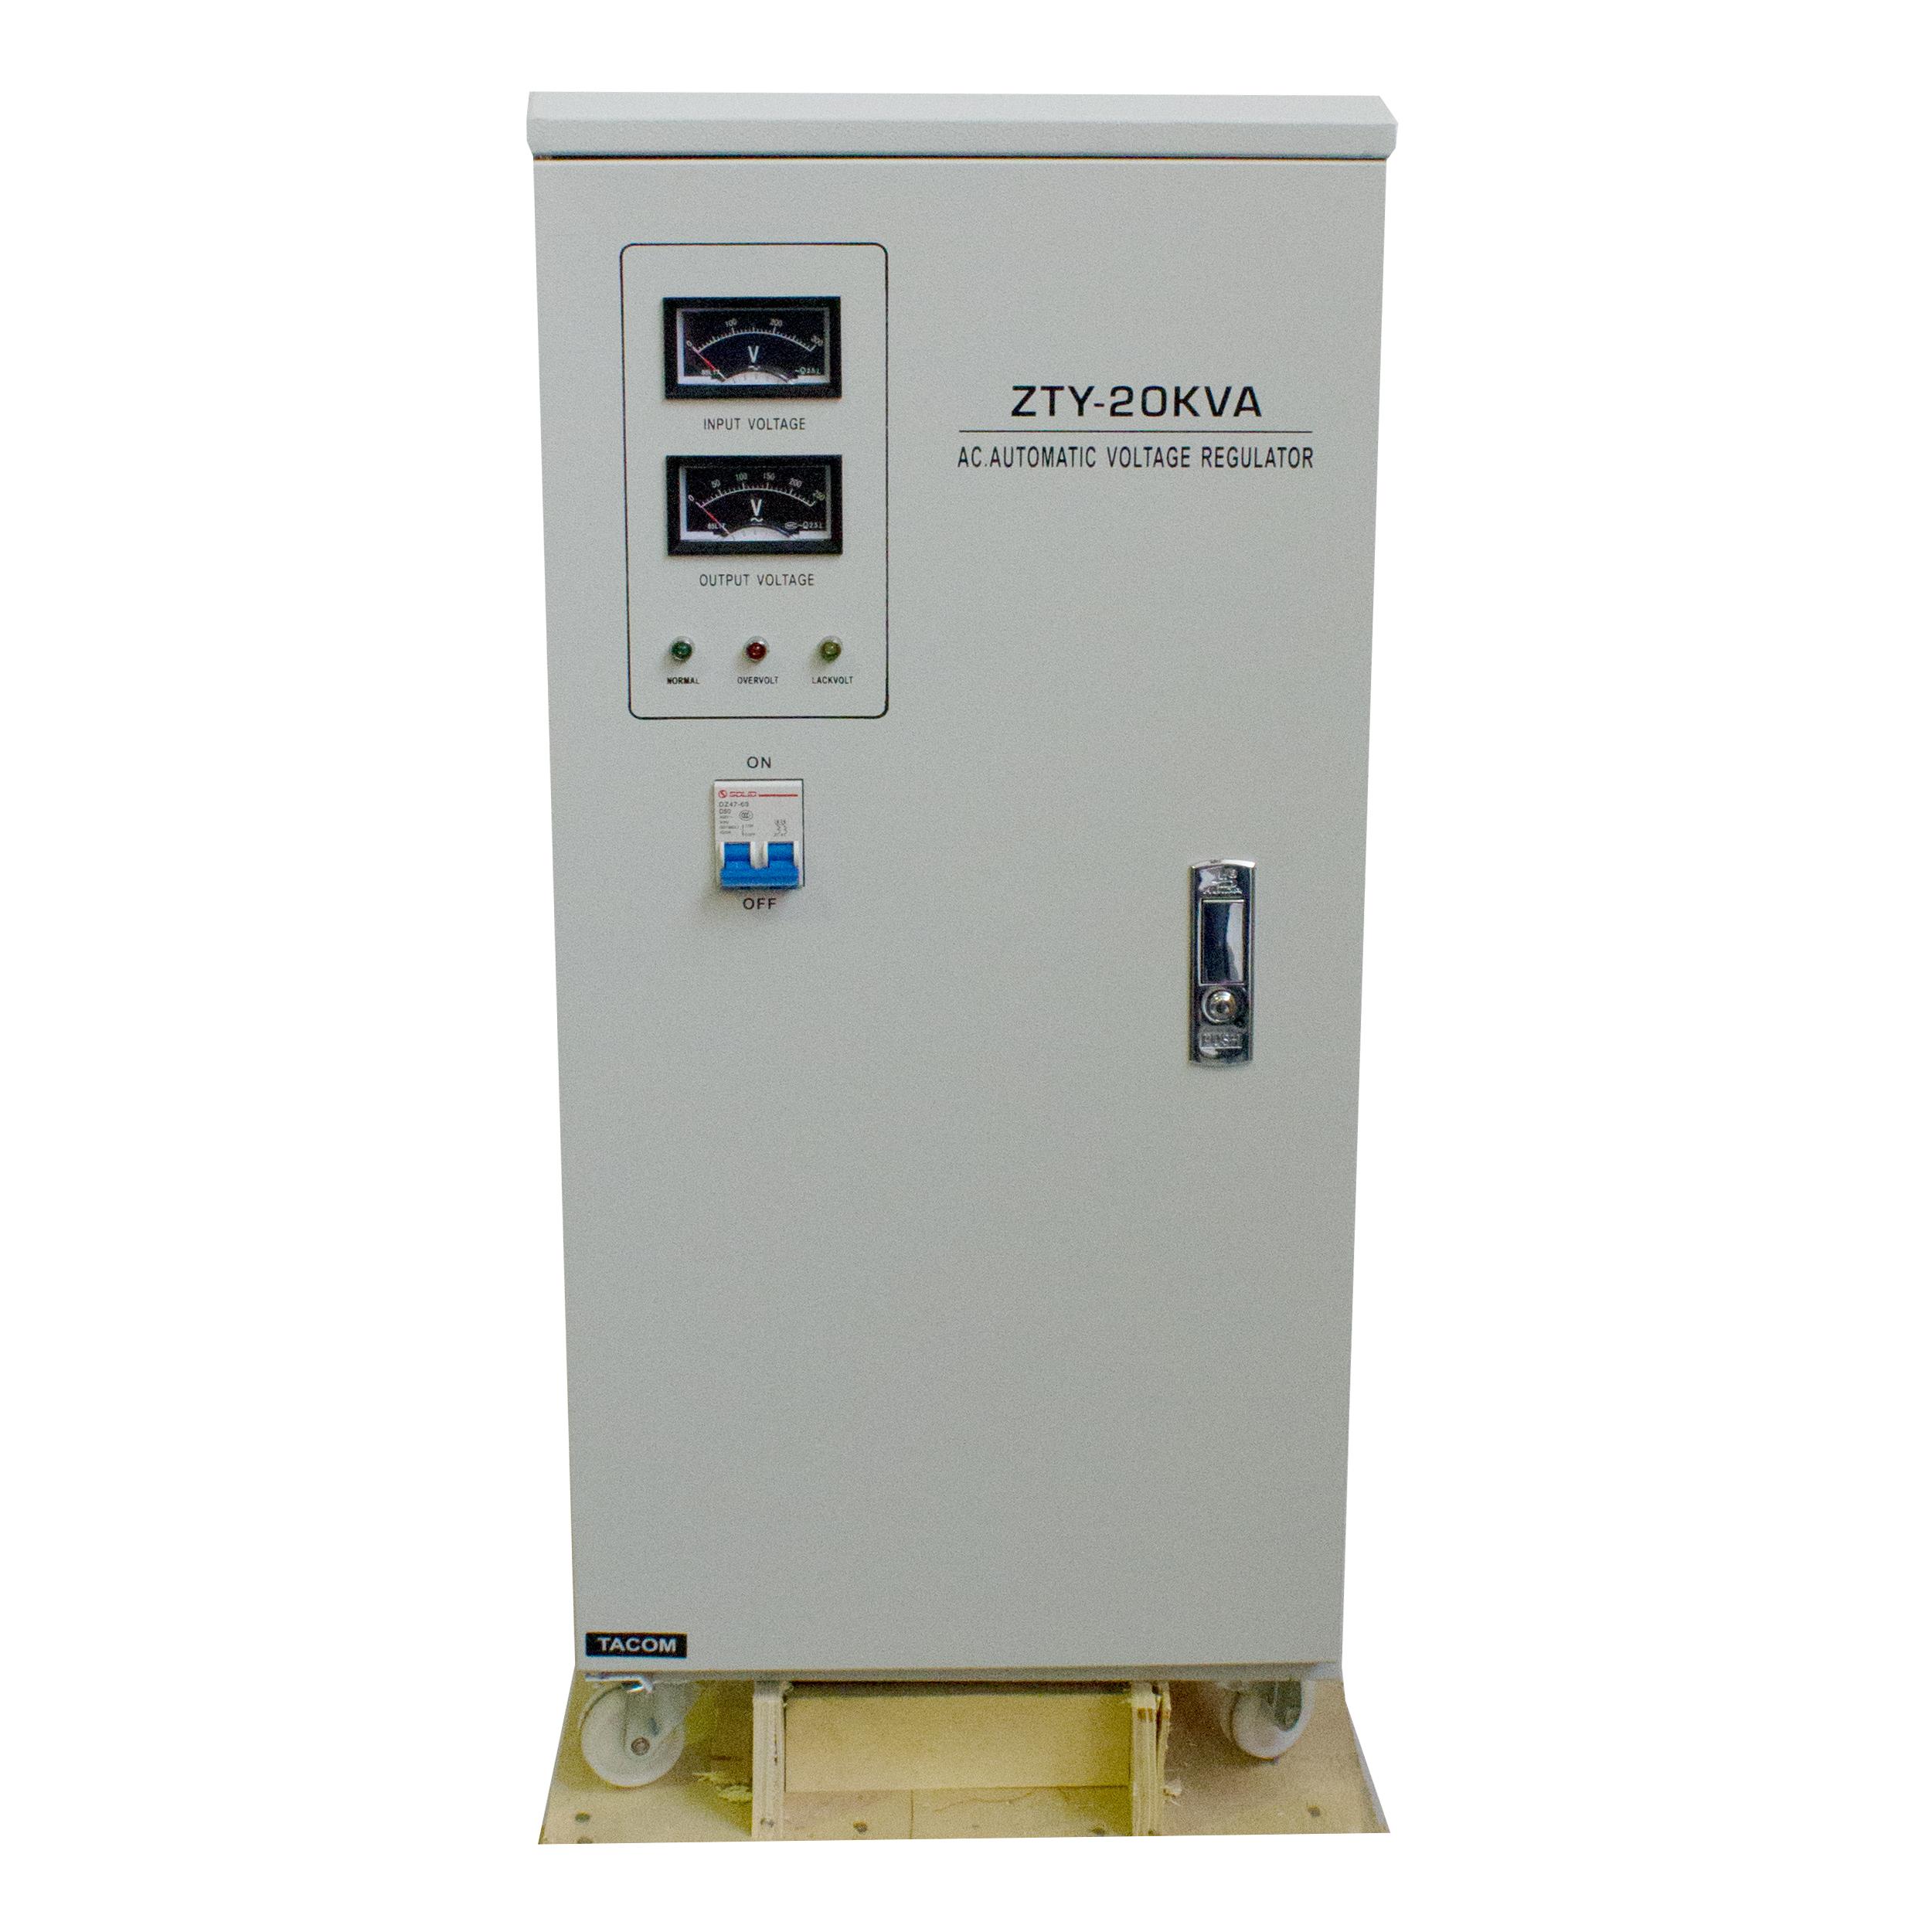 استابیلایزر  تکام مدل ZAGROS-20KVA ظرفیت 20000VA